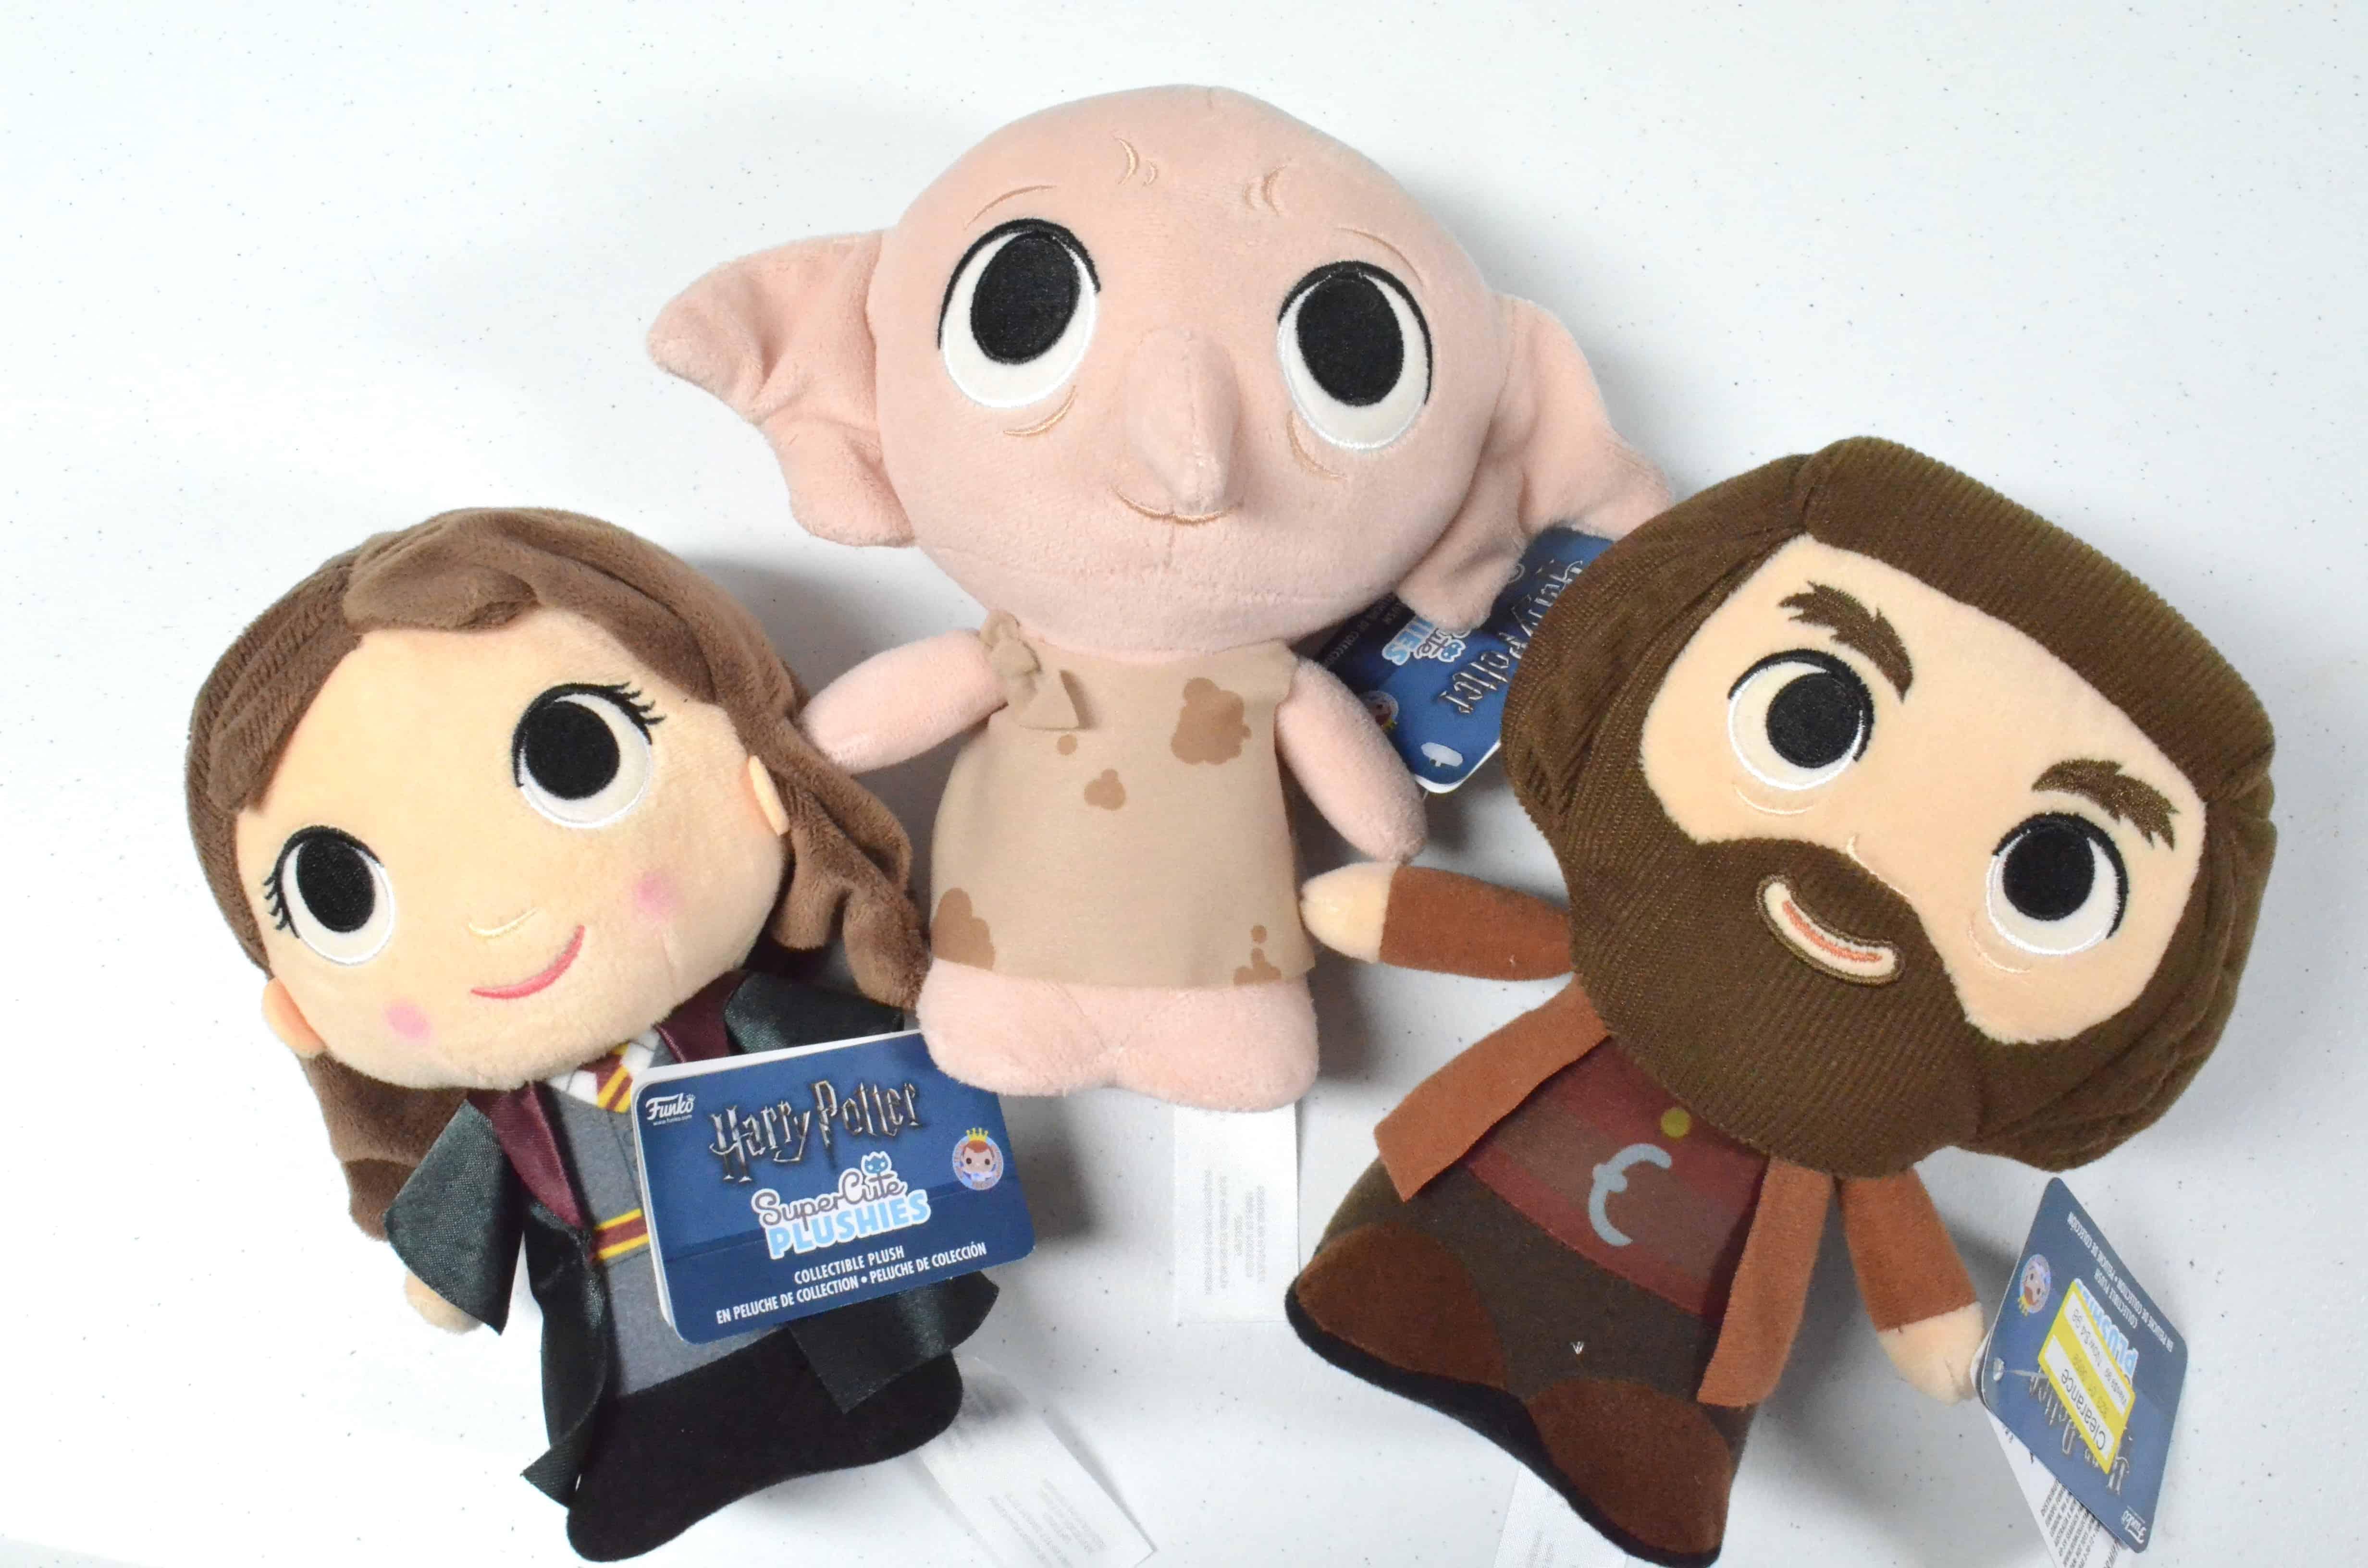 Harry Potter FUNKO pop plush toys